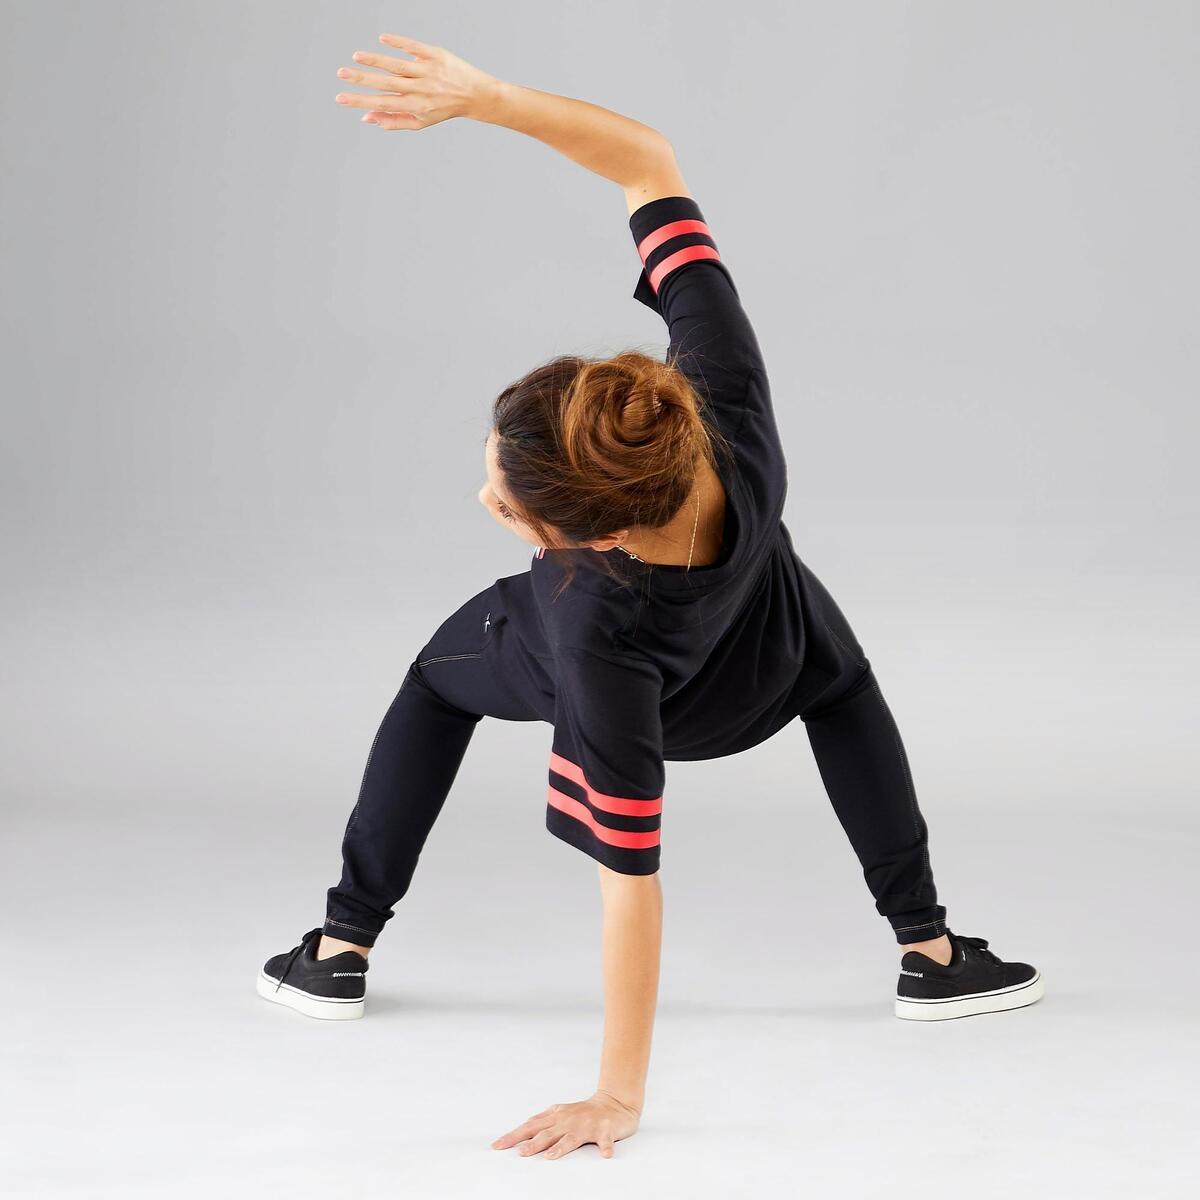 Bild 5 von Tanz-Shirt Street Dance schwarz unisex